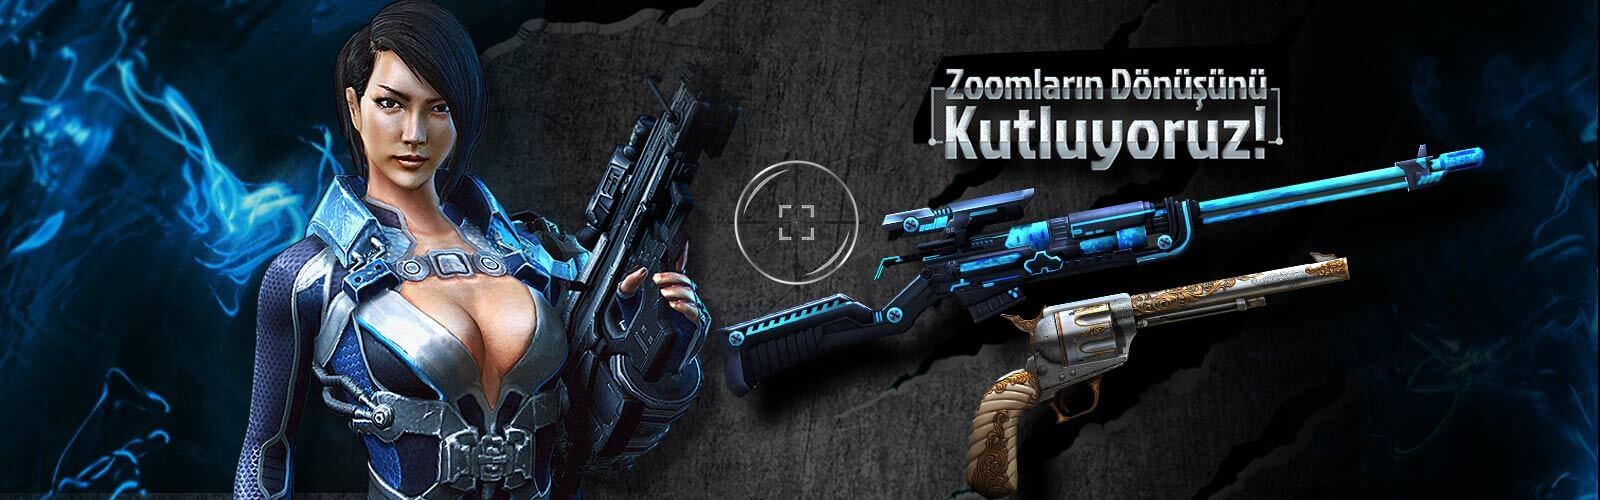 Zoomların Dönüşünü Kutluyoruz!